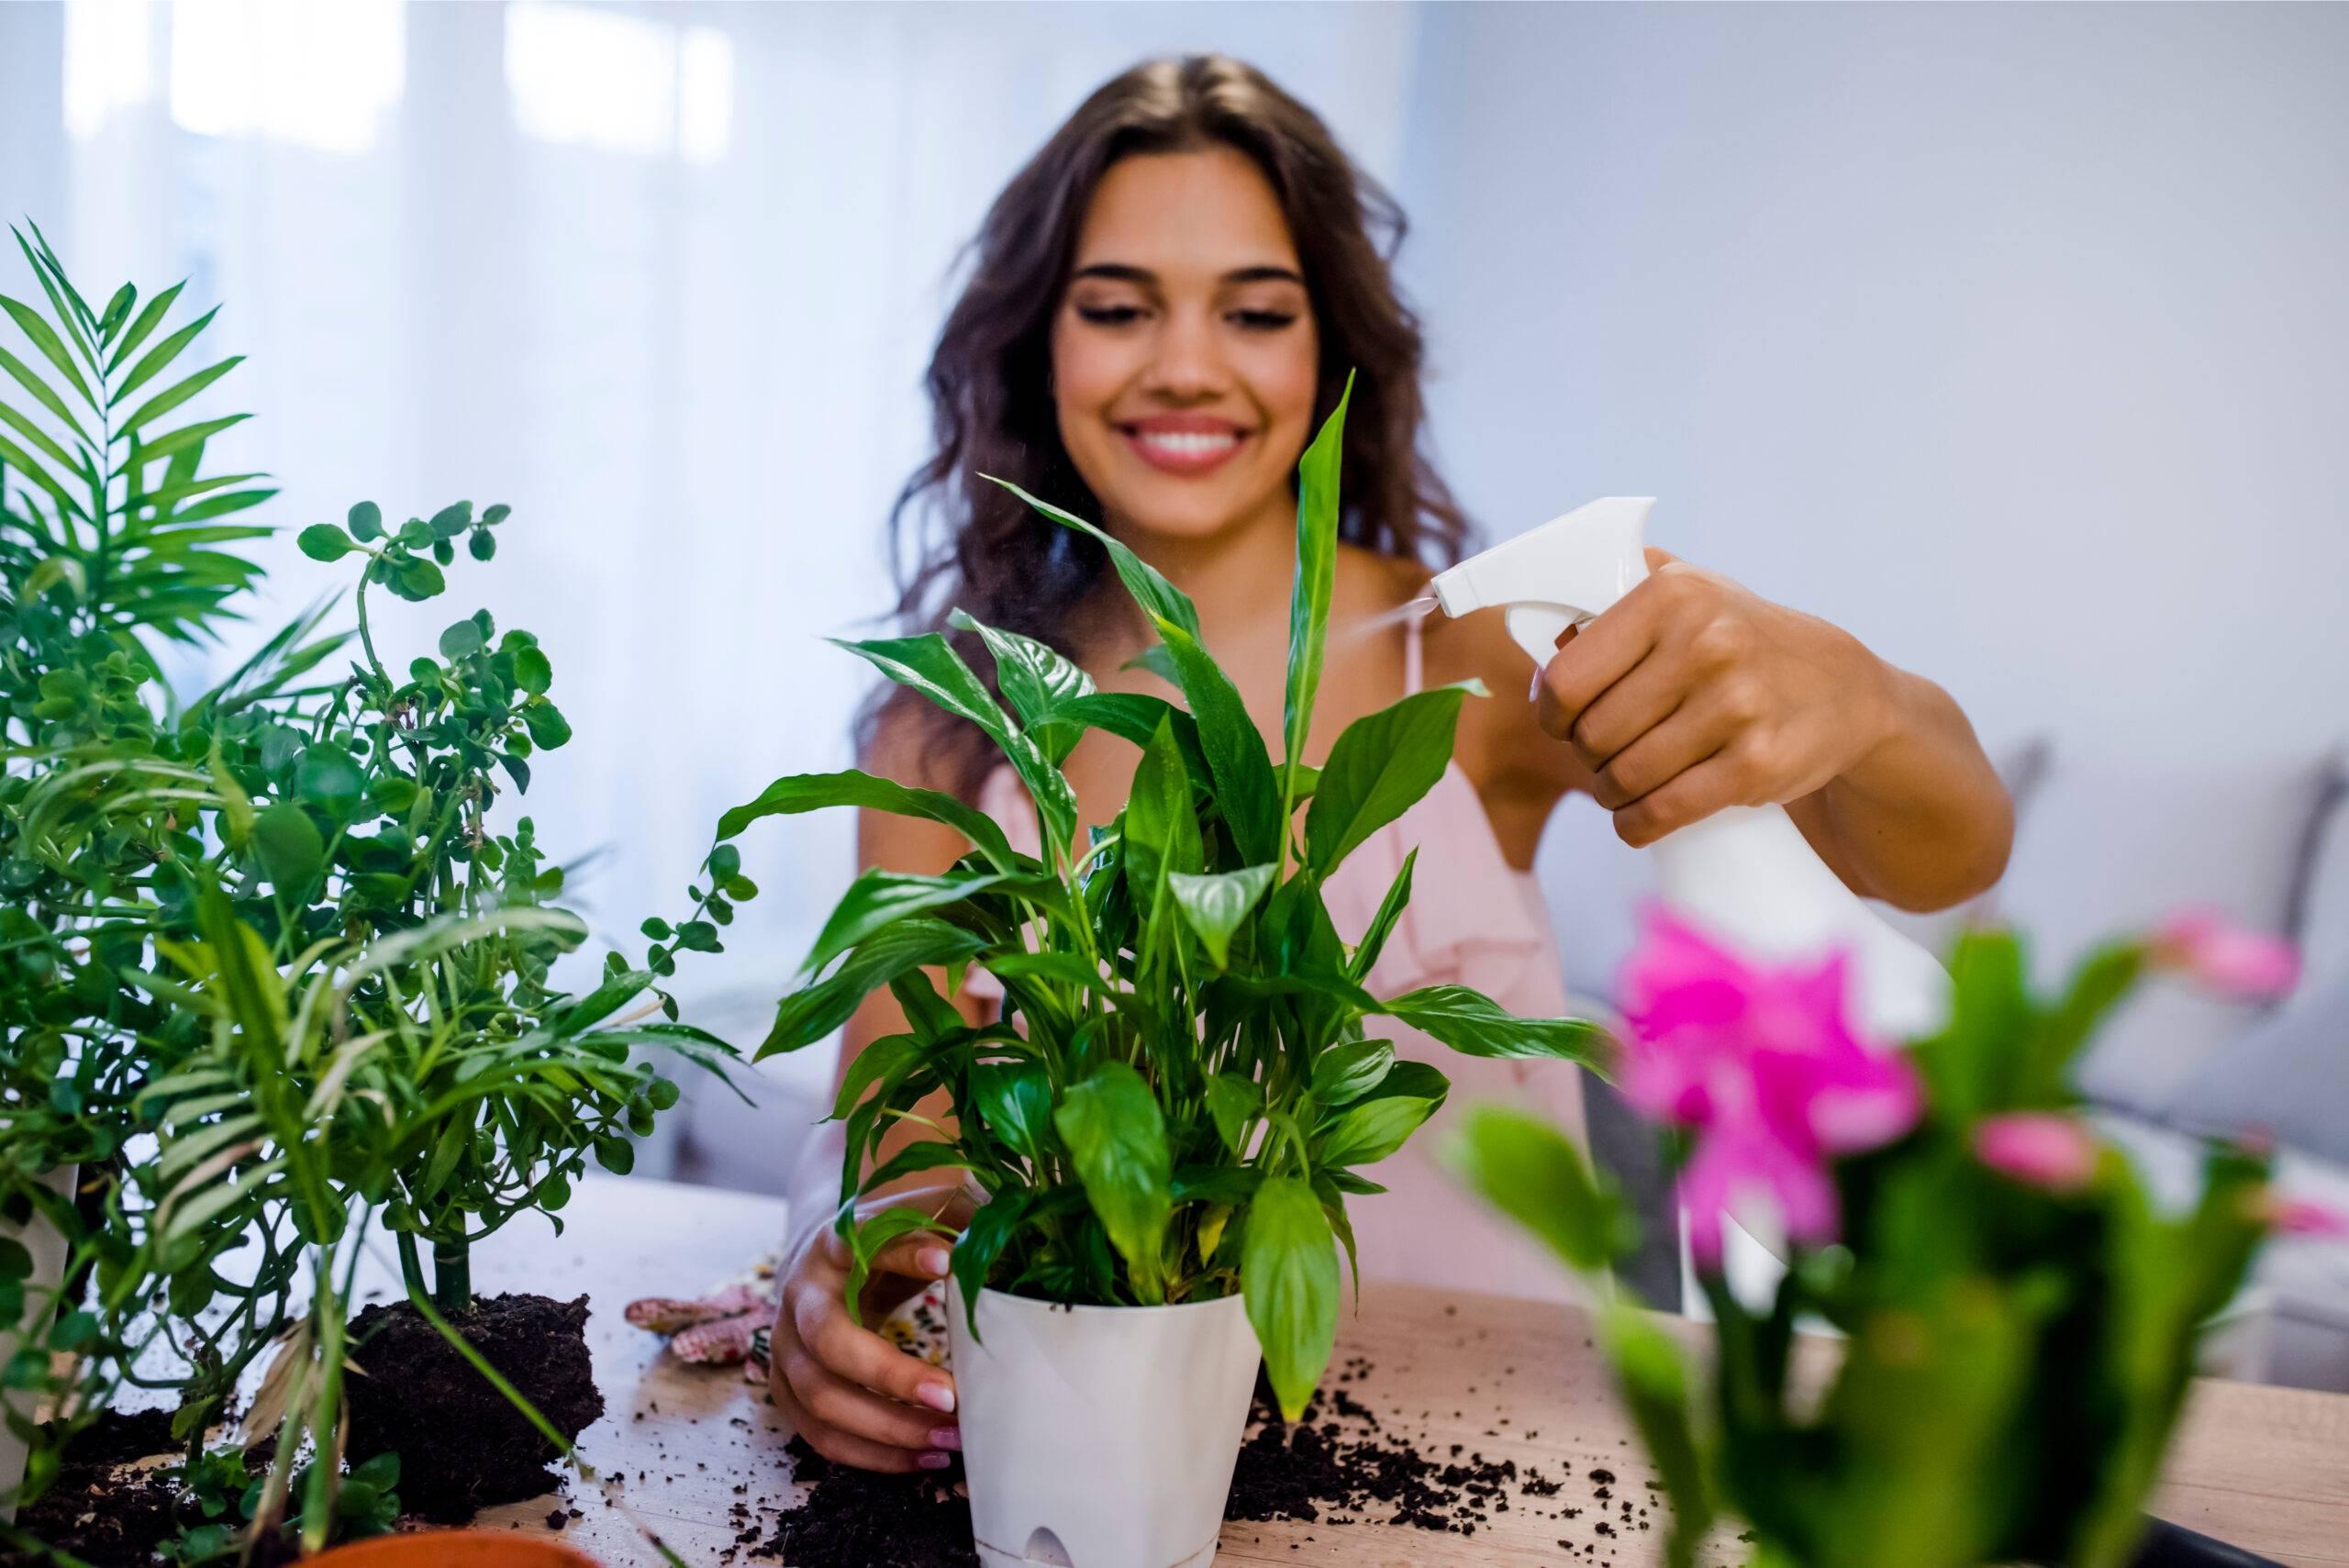 Как правильно вырастить и размножить ель дома в горшке